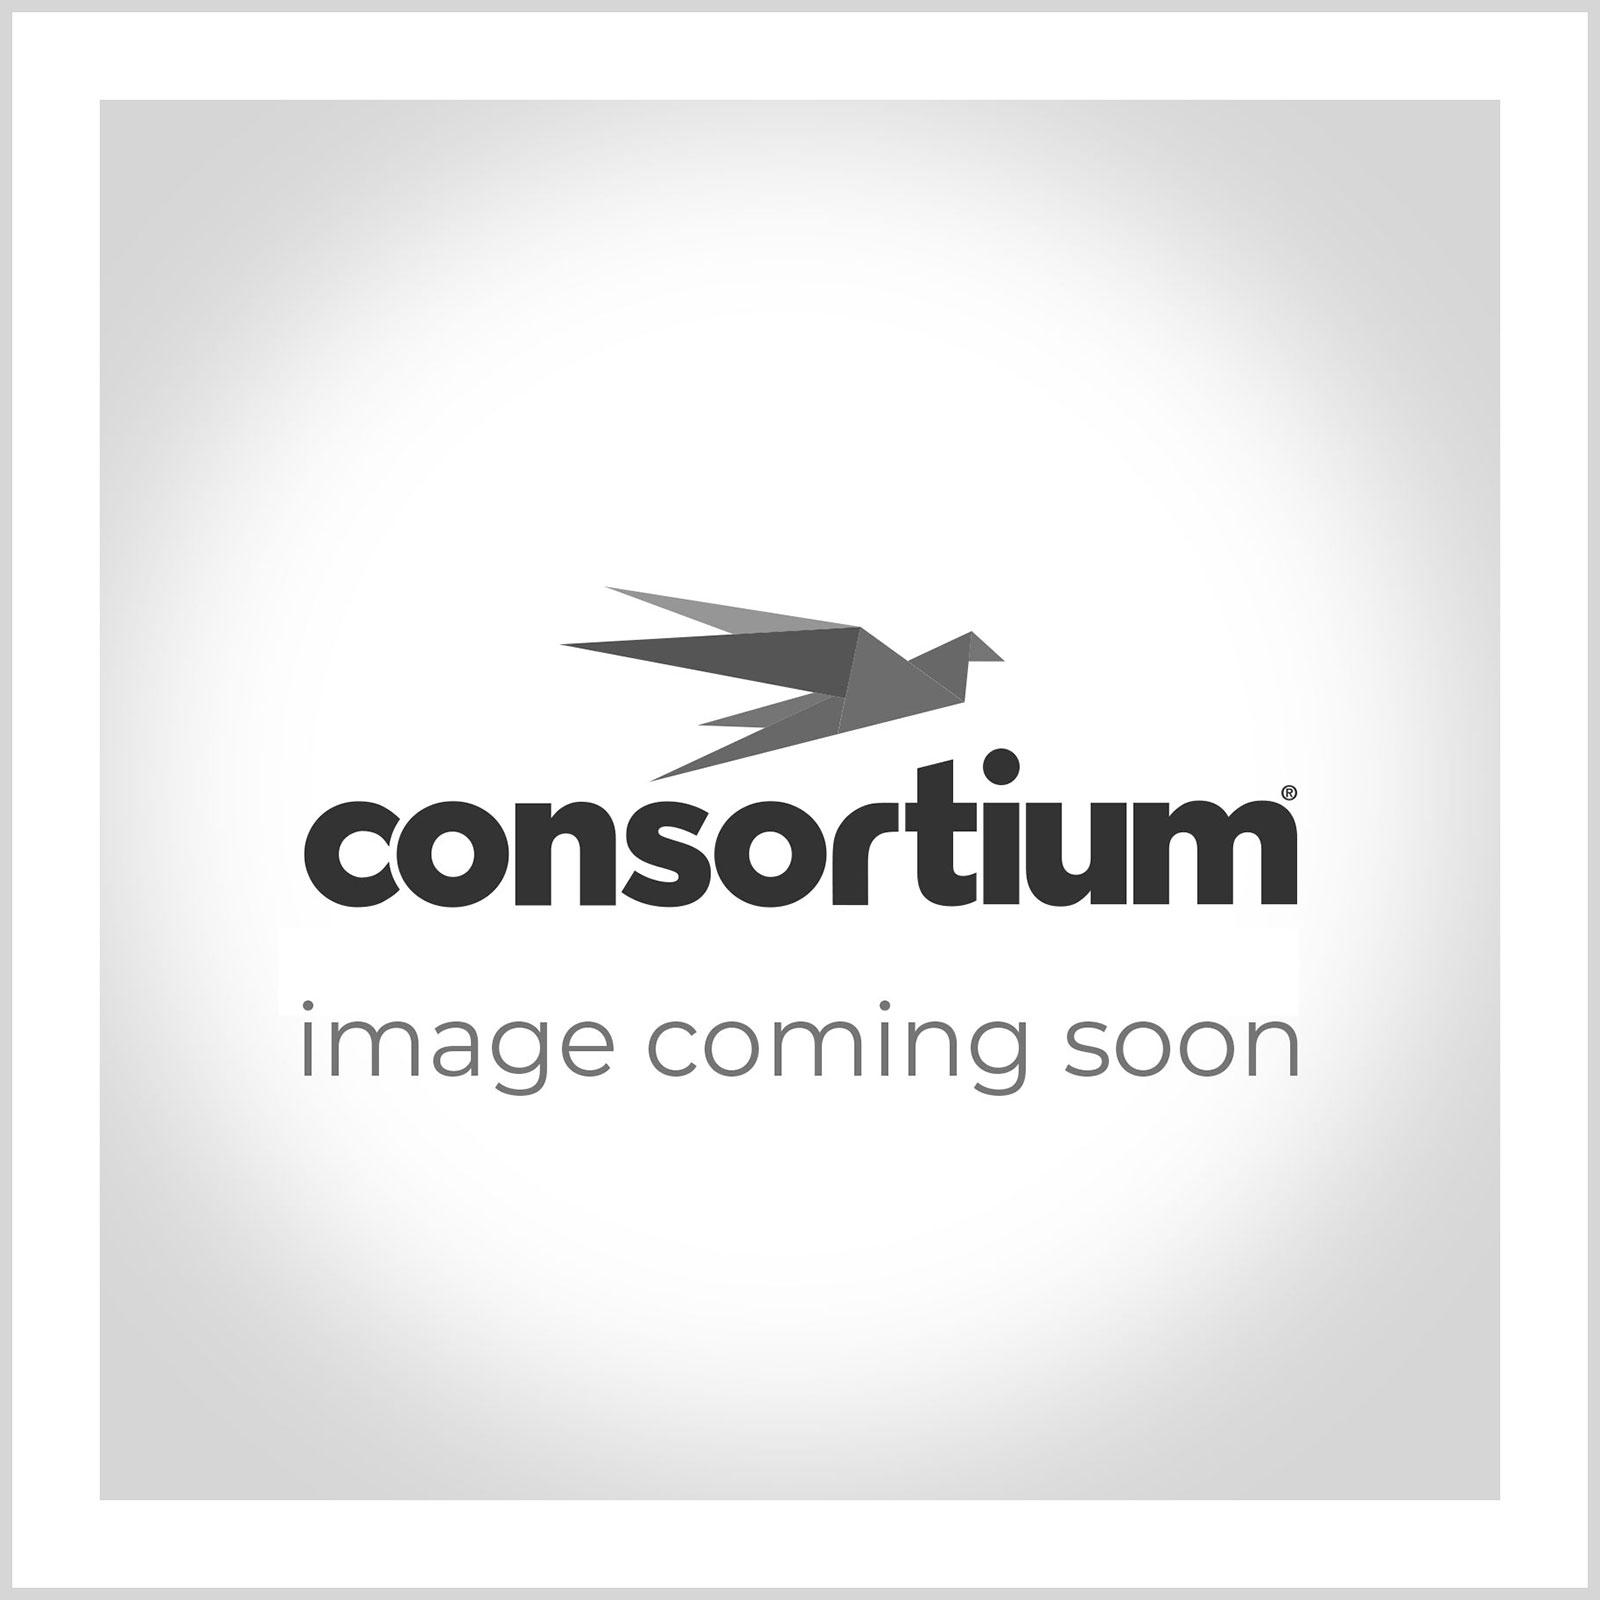 Comfort Pure Fabric Conditioner